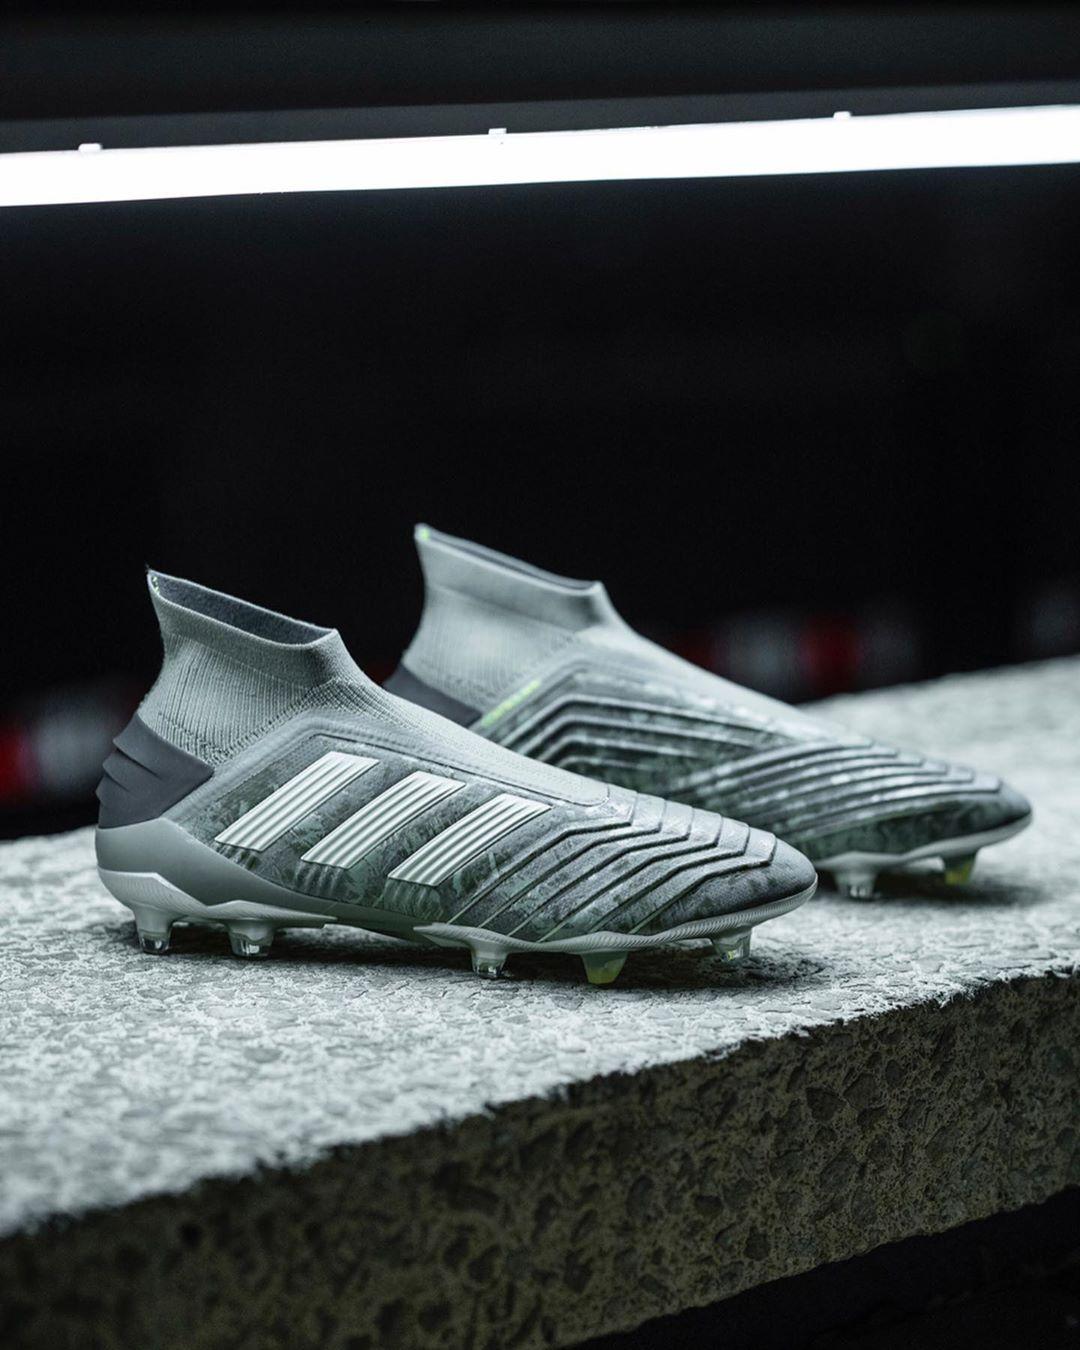 Melhores chuteiras 2019: Adidas Predator